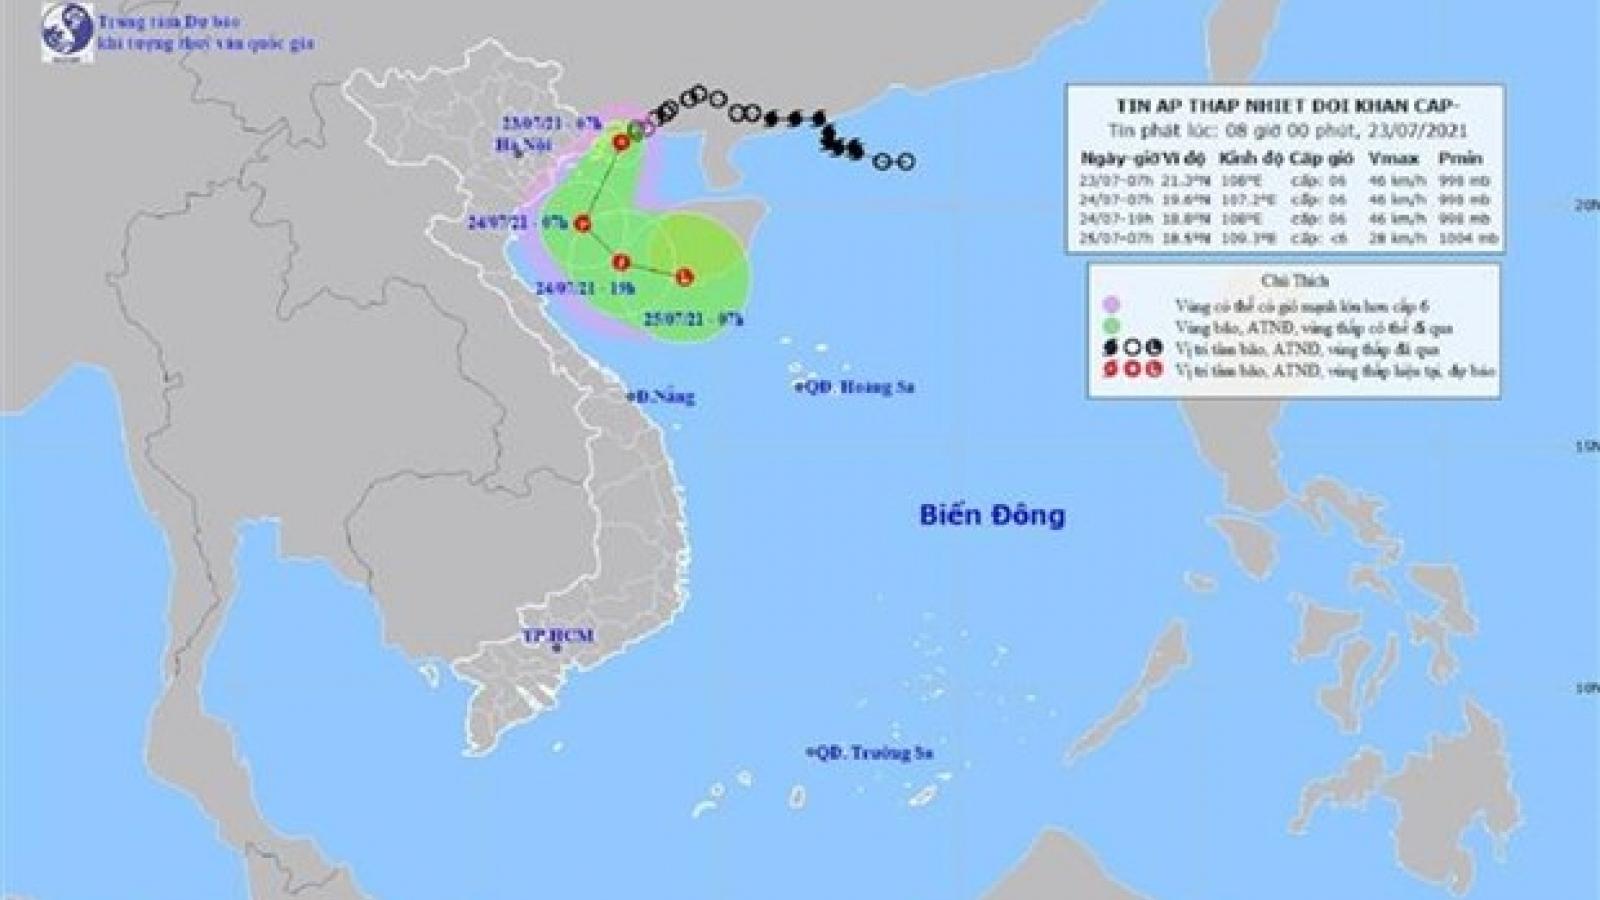 Áp thấp nhiệt đới đổ bộ vào Hải Phòng, Ninh Bình, gió giật cấp 8